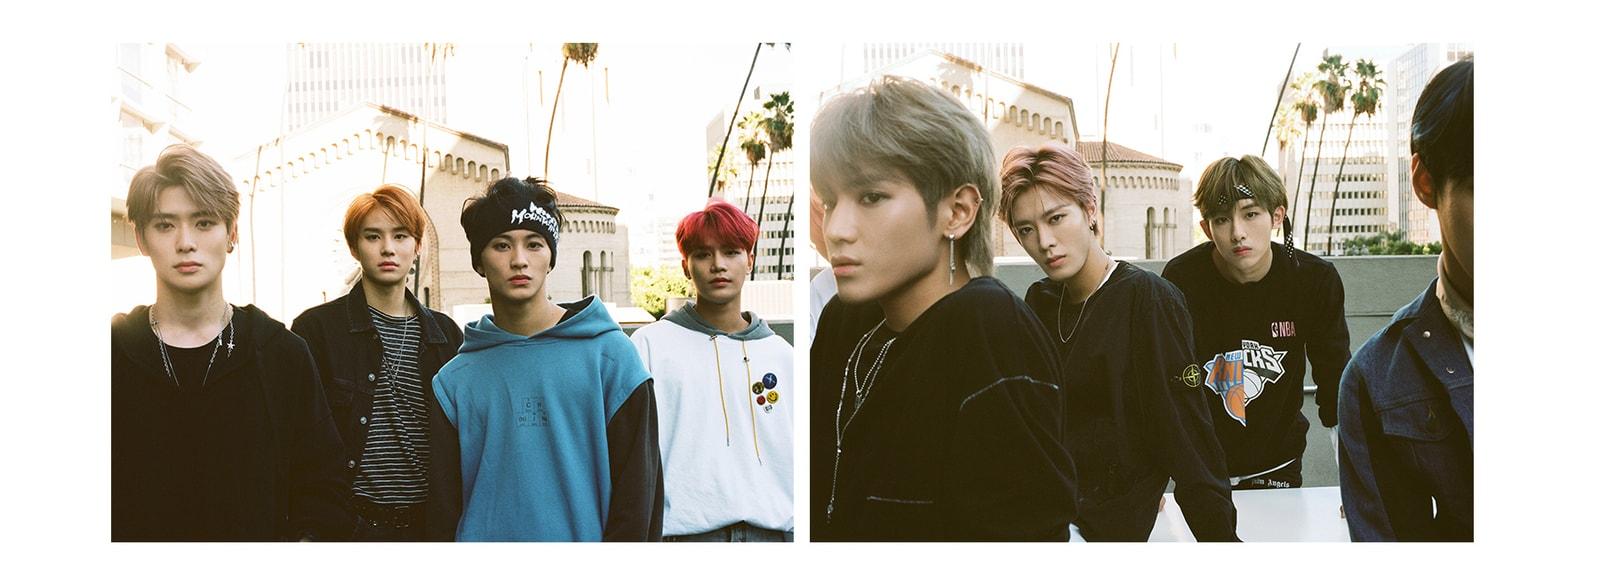 NCT 127 on New Album, 'Regular-Irregular' | HYPEBAE